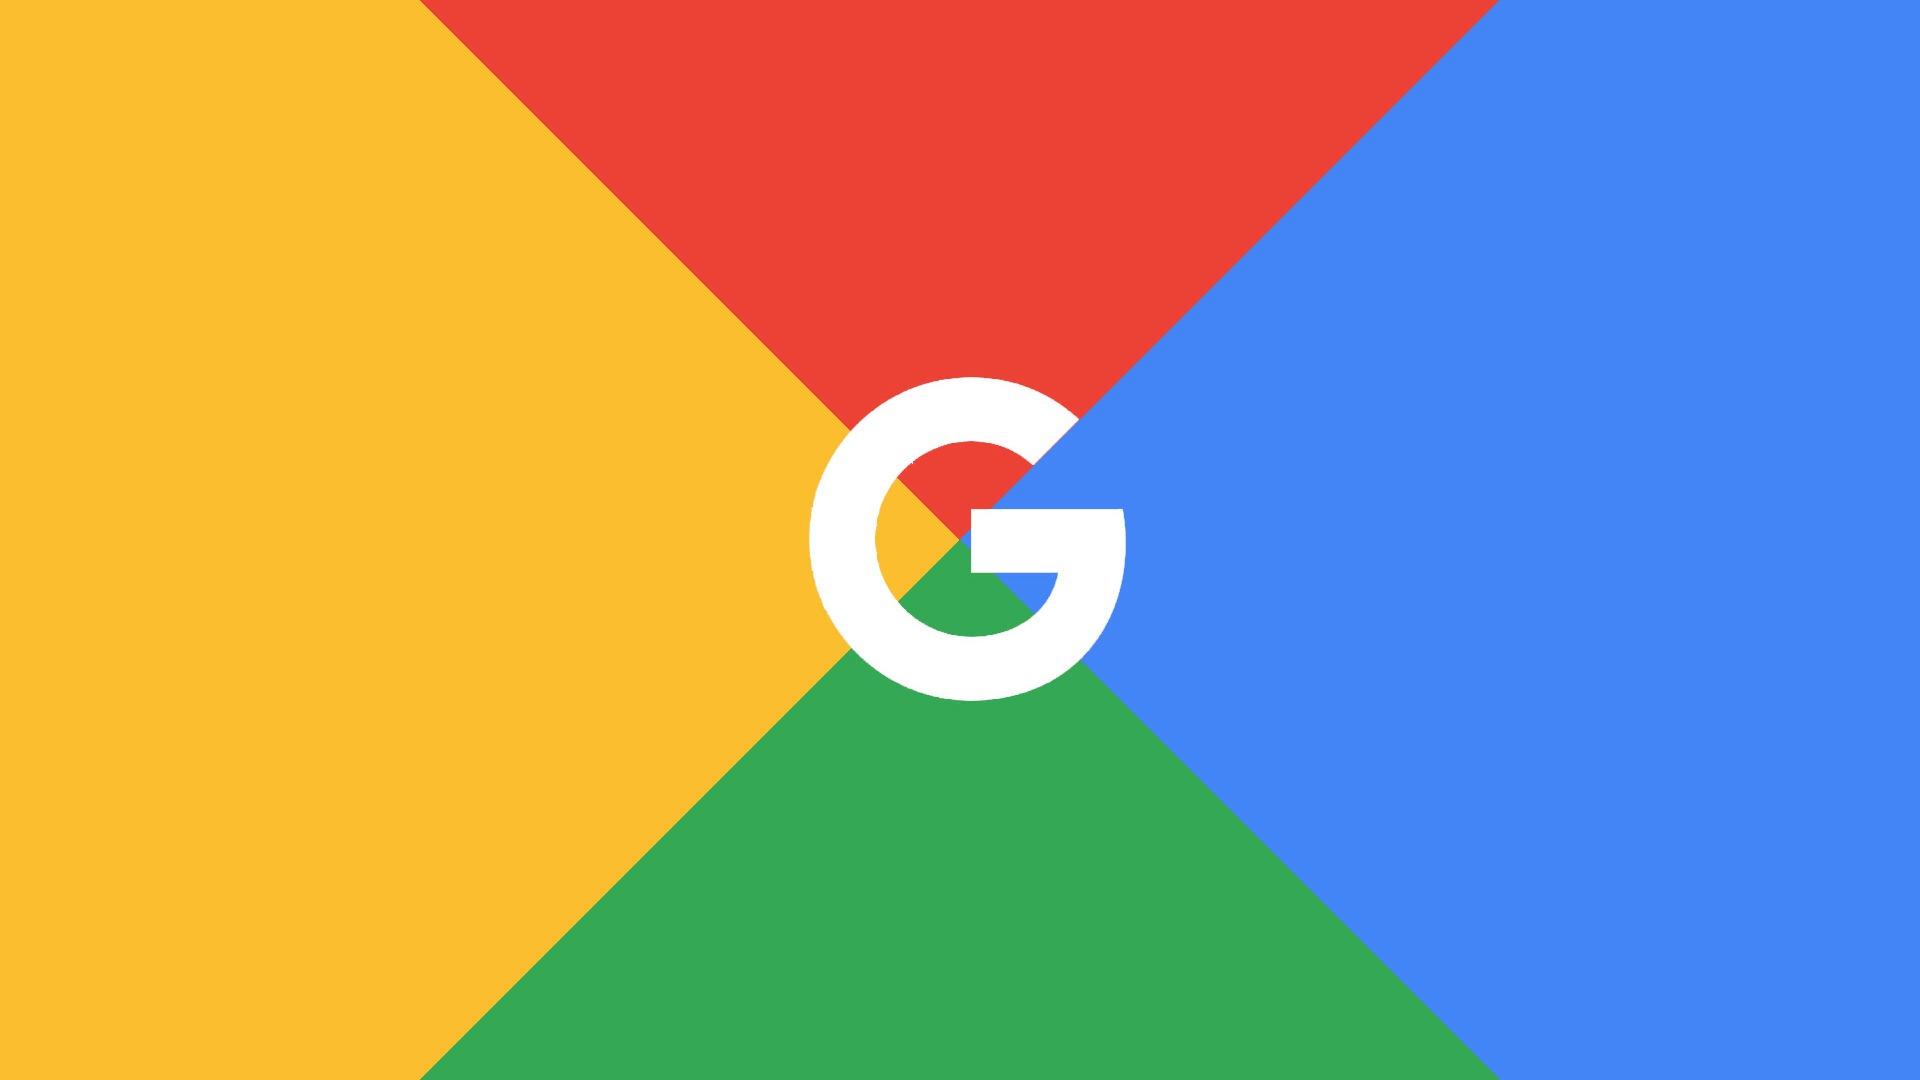 Si el 'Dr. Google 'crea una mejor confusión que consultar un sitio certificado